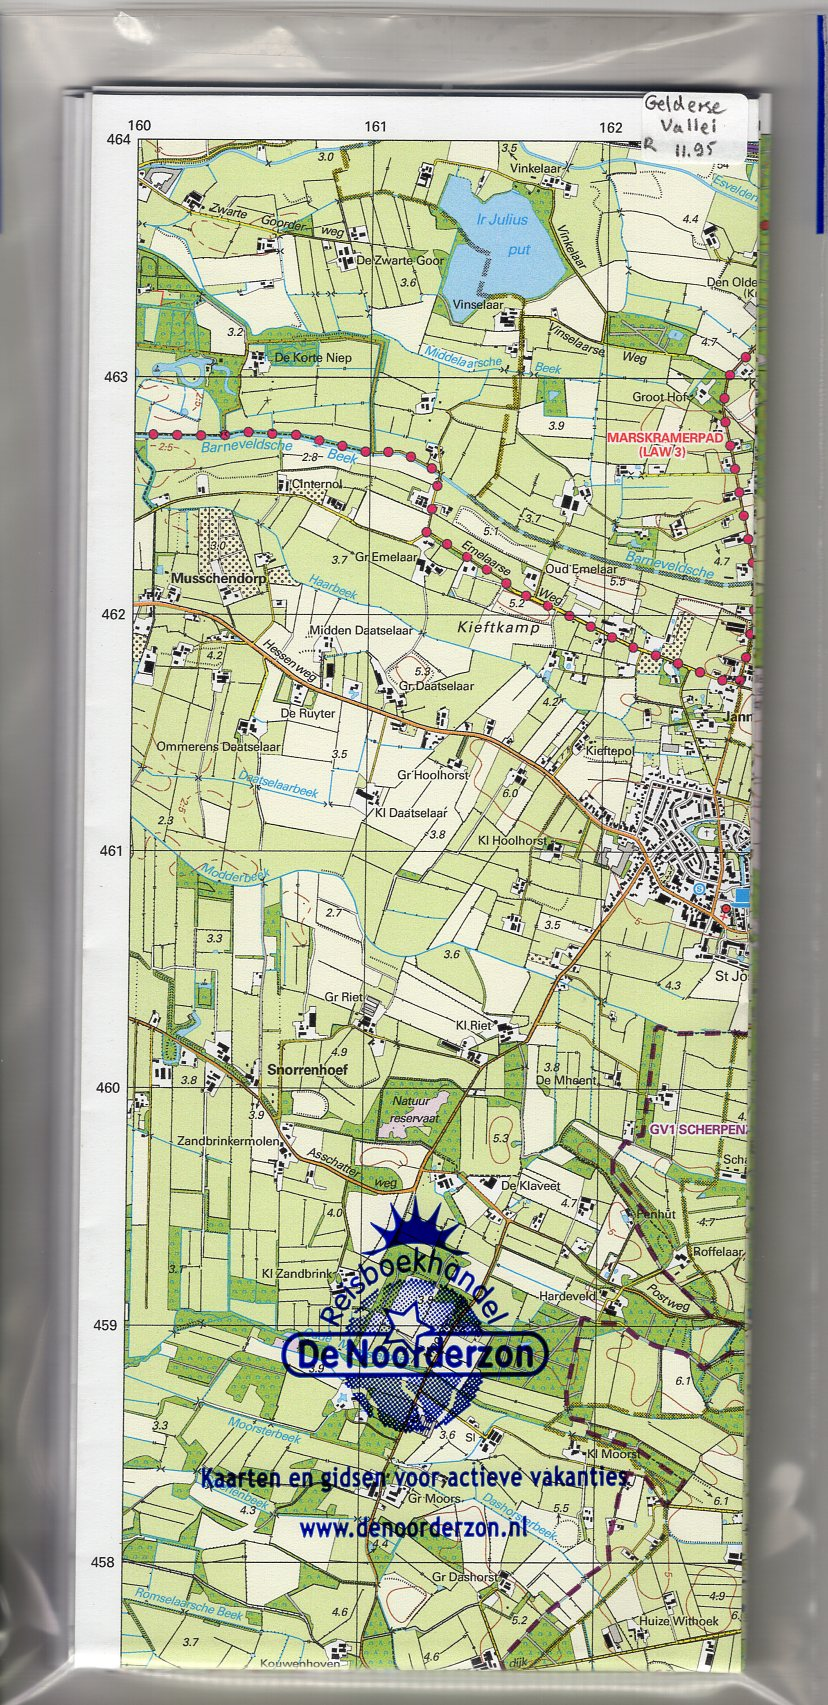 GV Gelderse Vallei | Trage Paden wandelkaart 1:25.000 9789081396165 Rob Wolfs /  www.WolfsWandelplan.nl De Noorderzon Trage Paden  Wandelkaarten Arnhem en de Veluwe